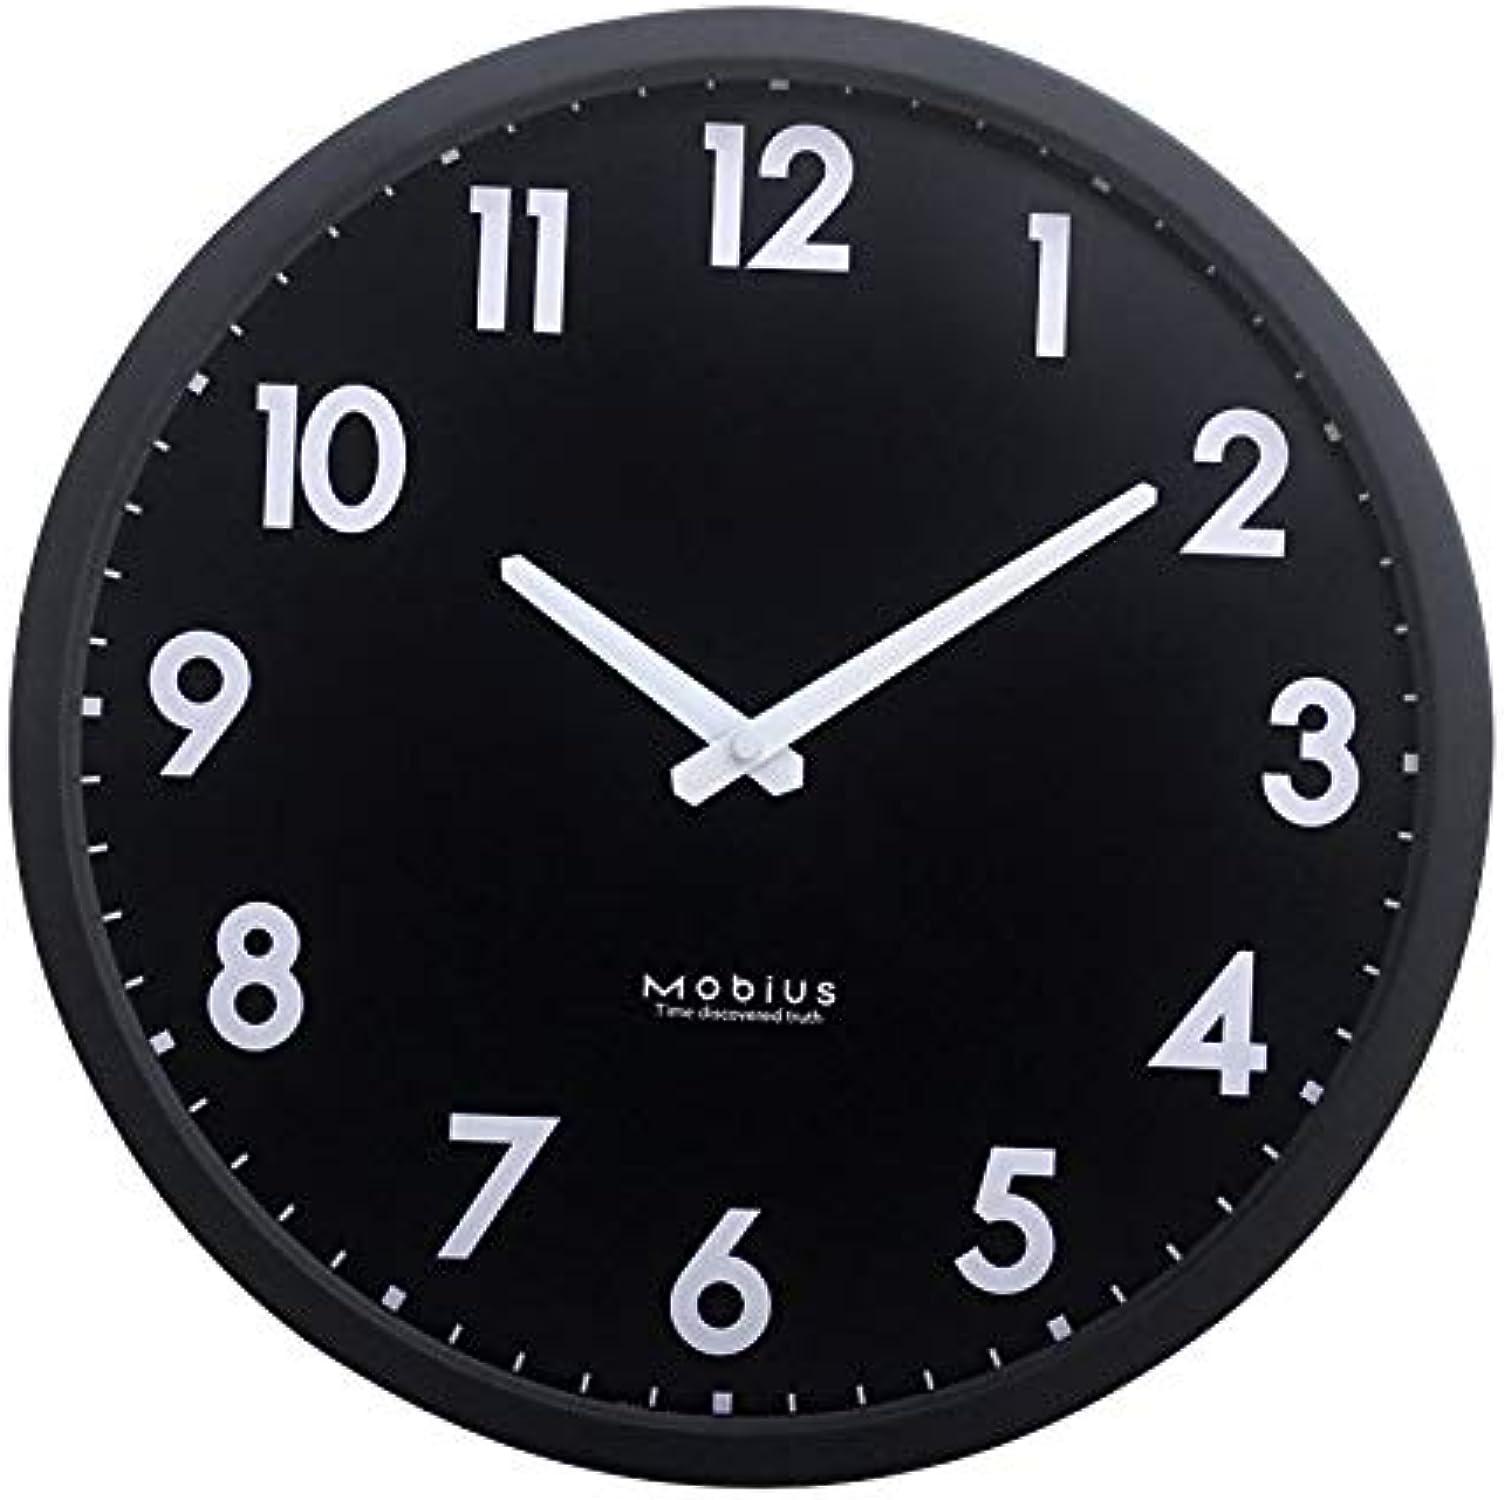 precios ultra bajos ZBBSHOP ZBBSHOP ZBBSHOP Sencillo y Creativo Reloj de Parojo para Sala de Estar Personalidad silenciosa Reloj de Parojo de Reloj de Metal Negro 30 cm  gran descuento